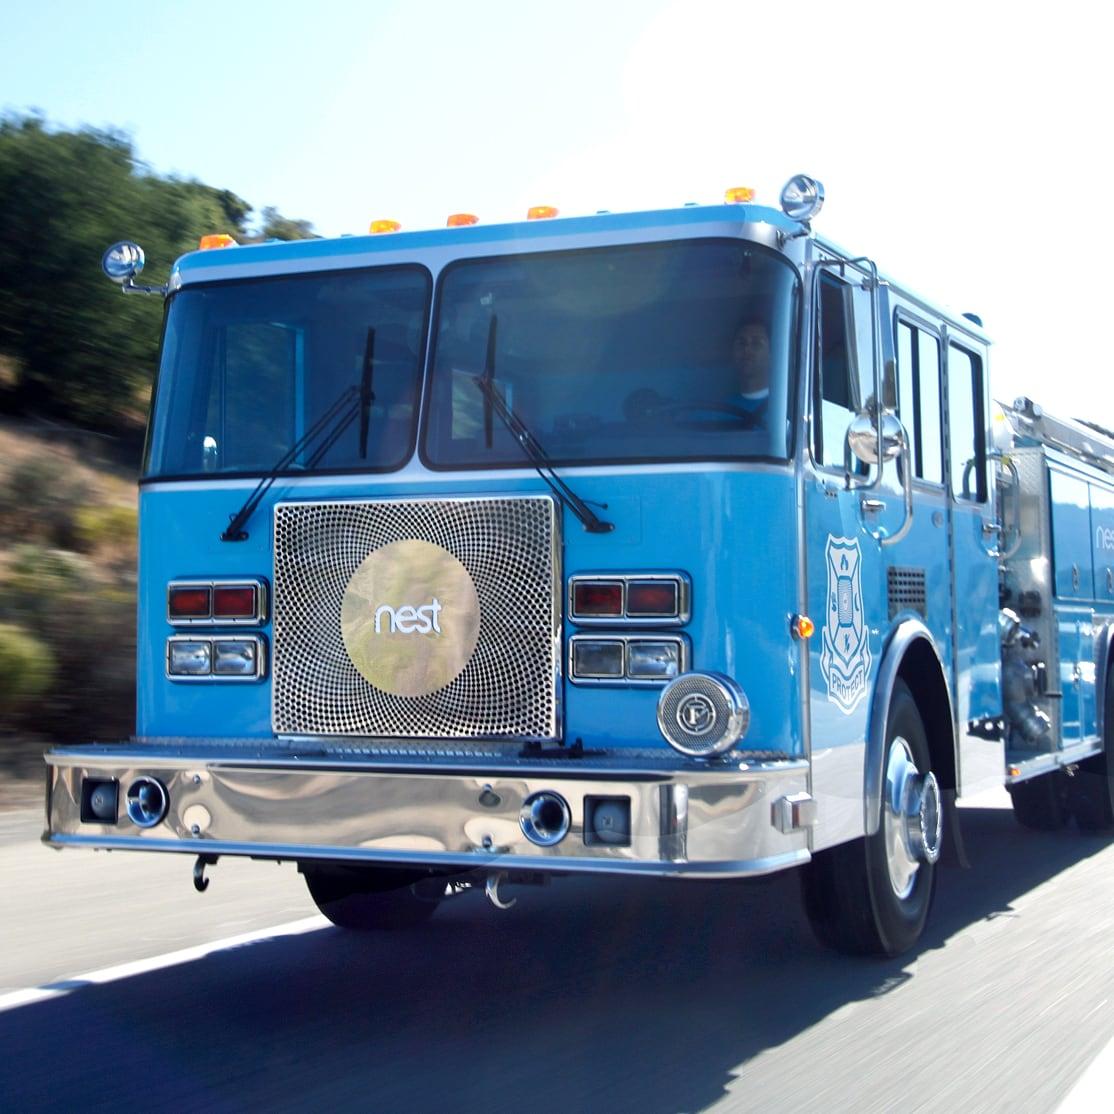 meet the nest fire truck nest